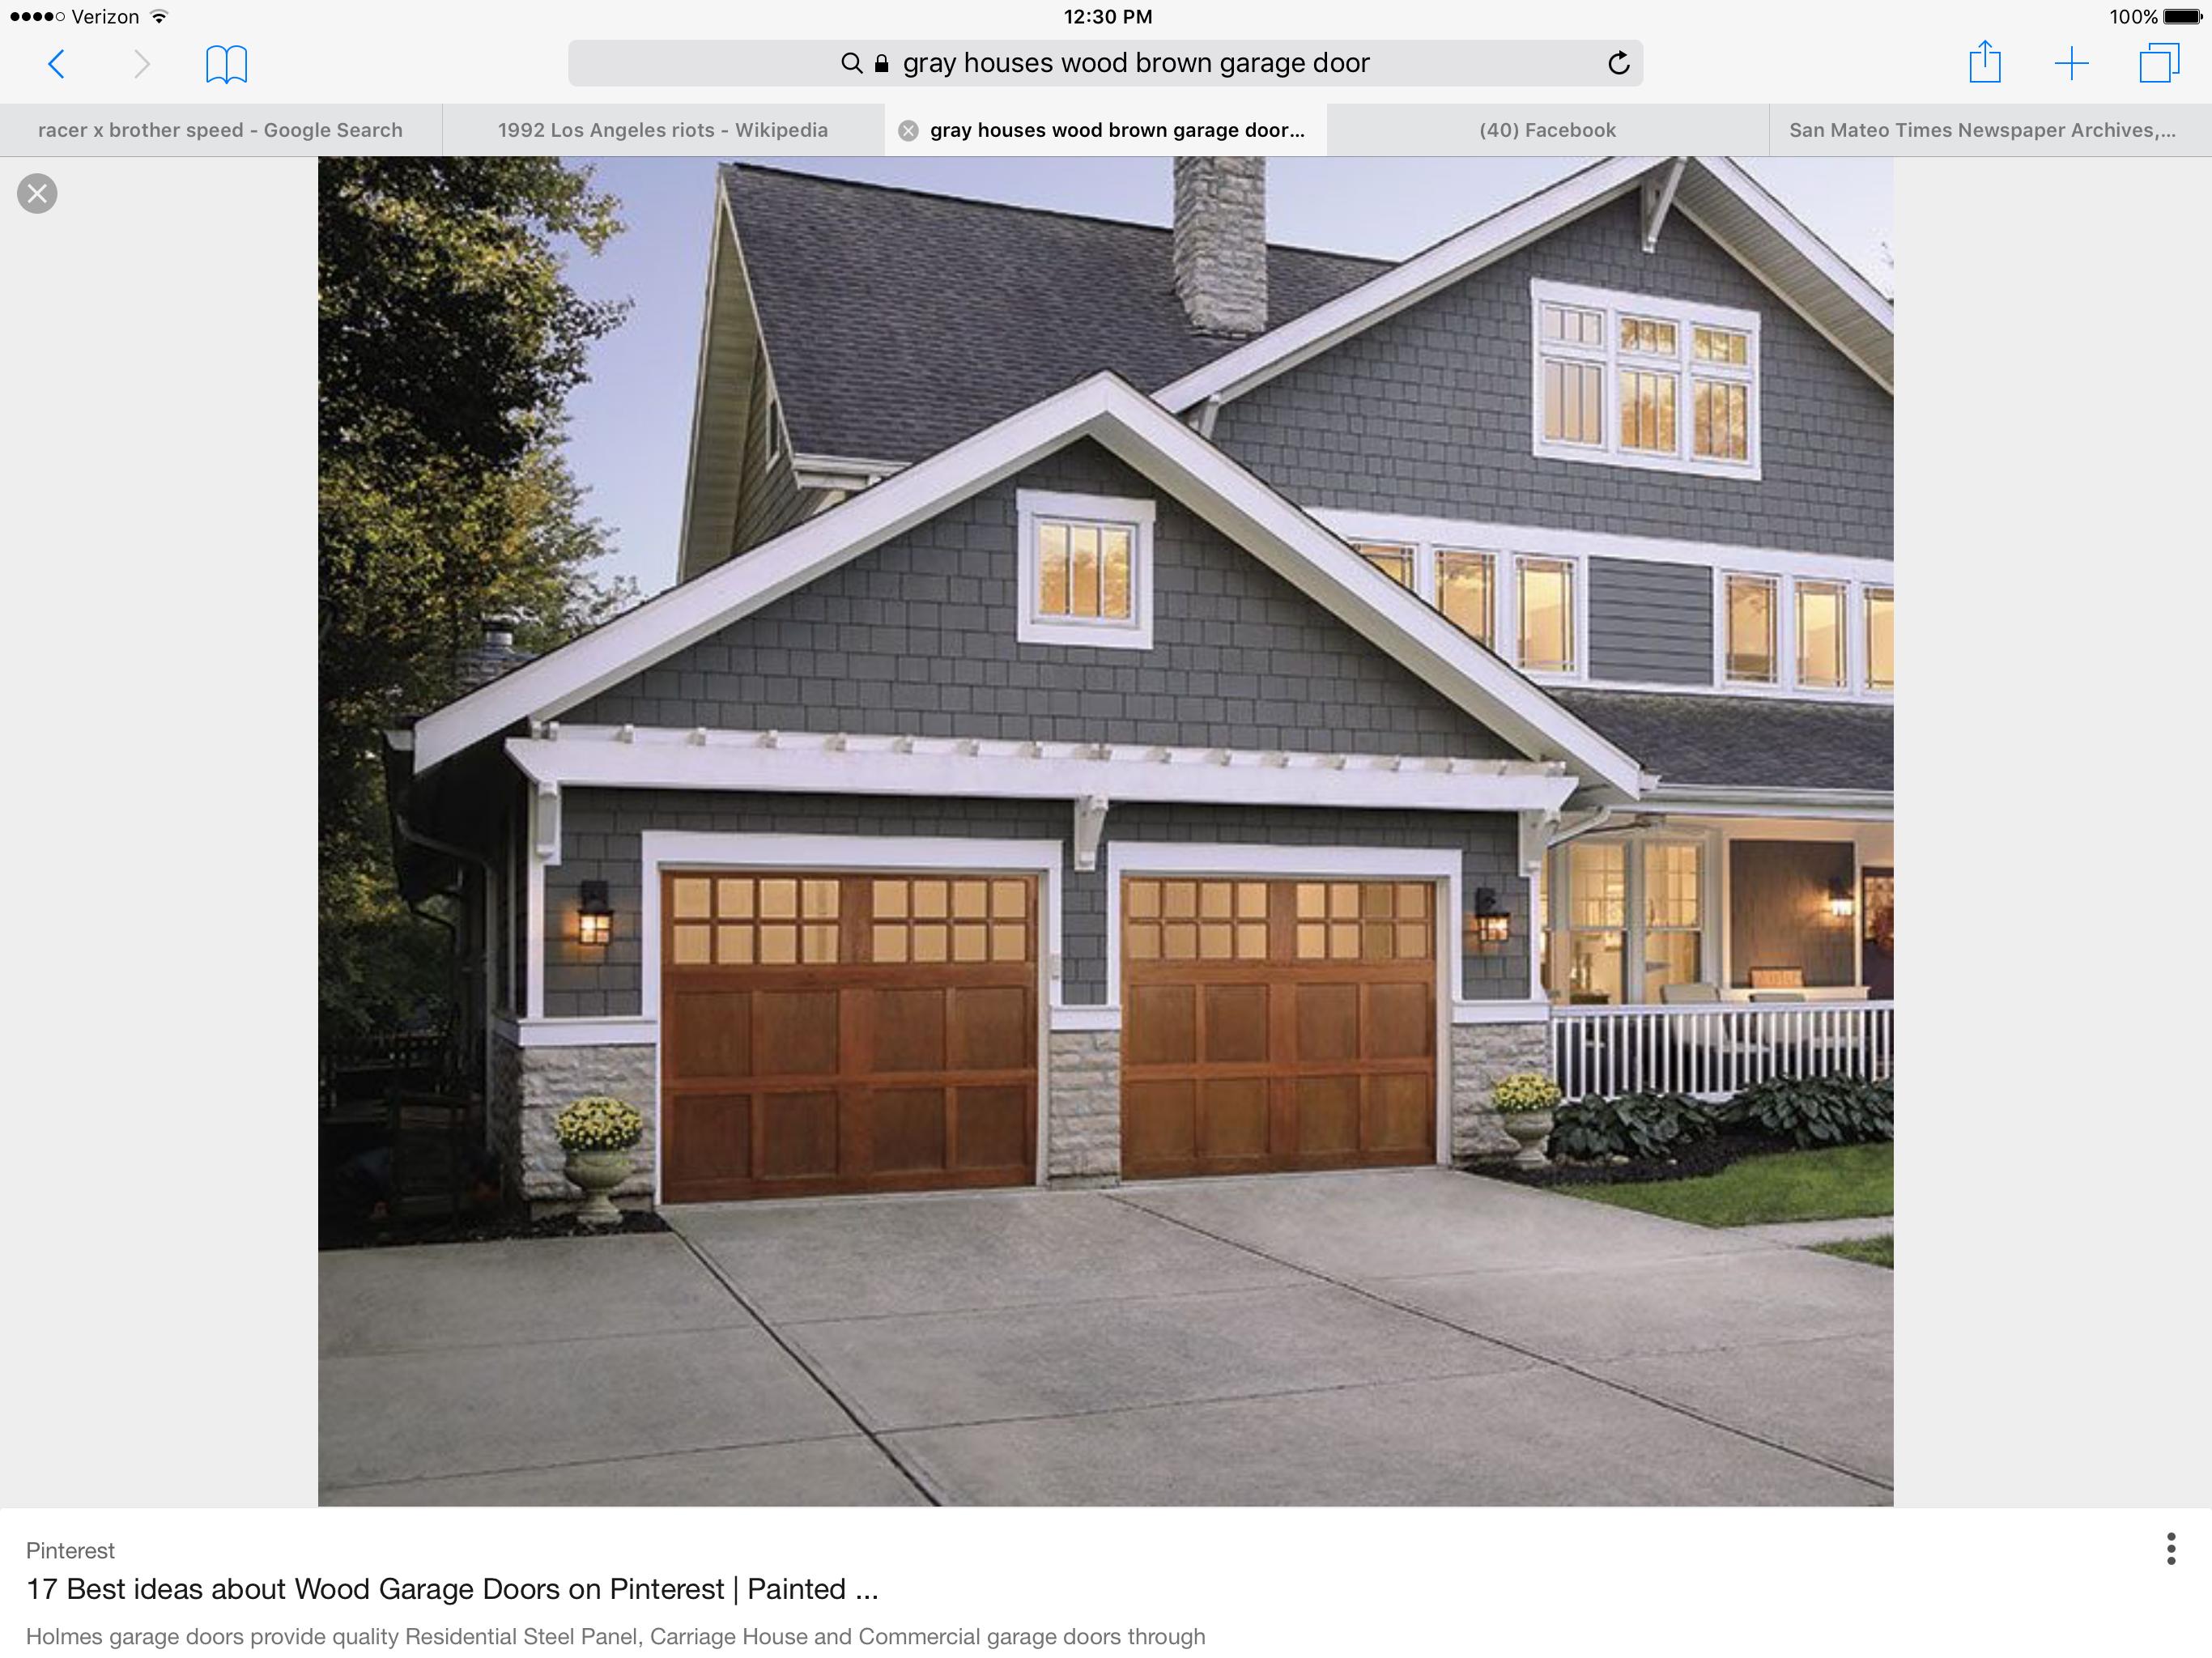 Gray Wood Garage Door Exterior House Paint Brown Garage House Exterior Garage Doors Wood Garage Doors